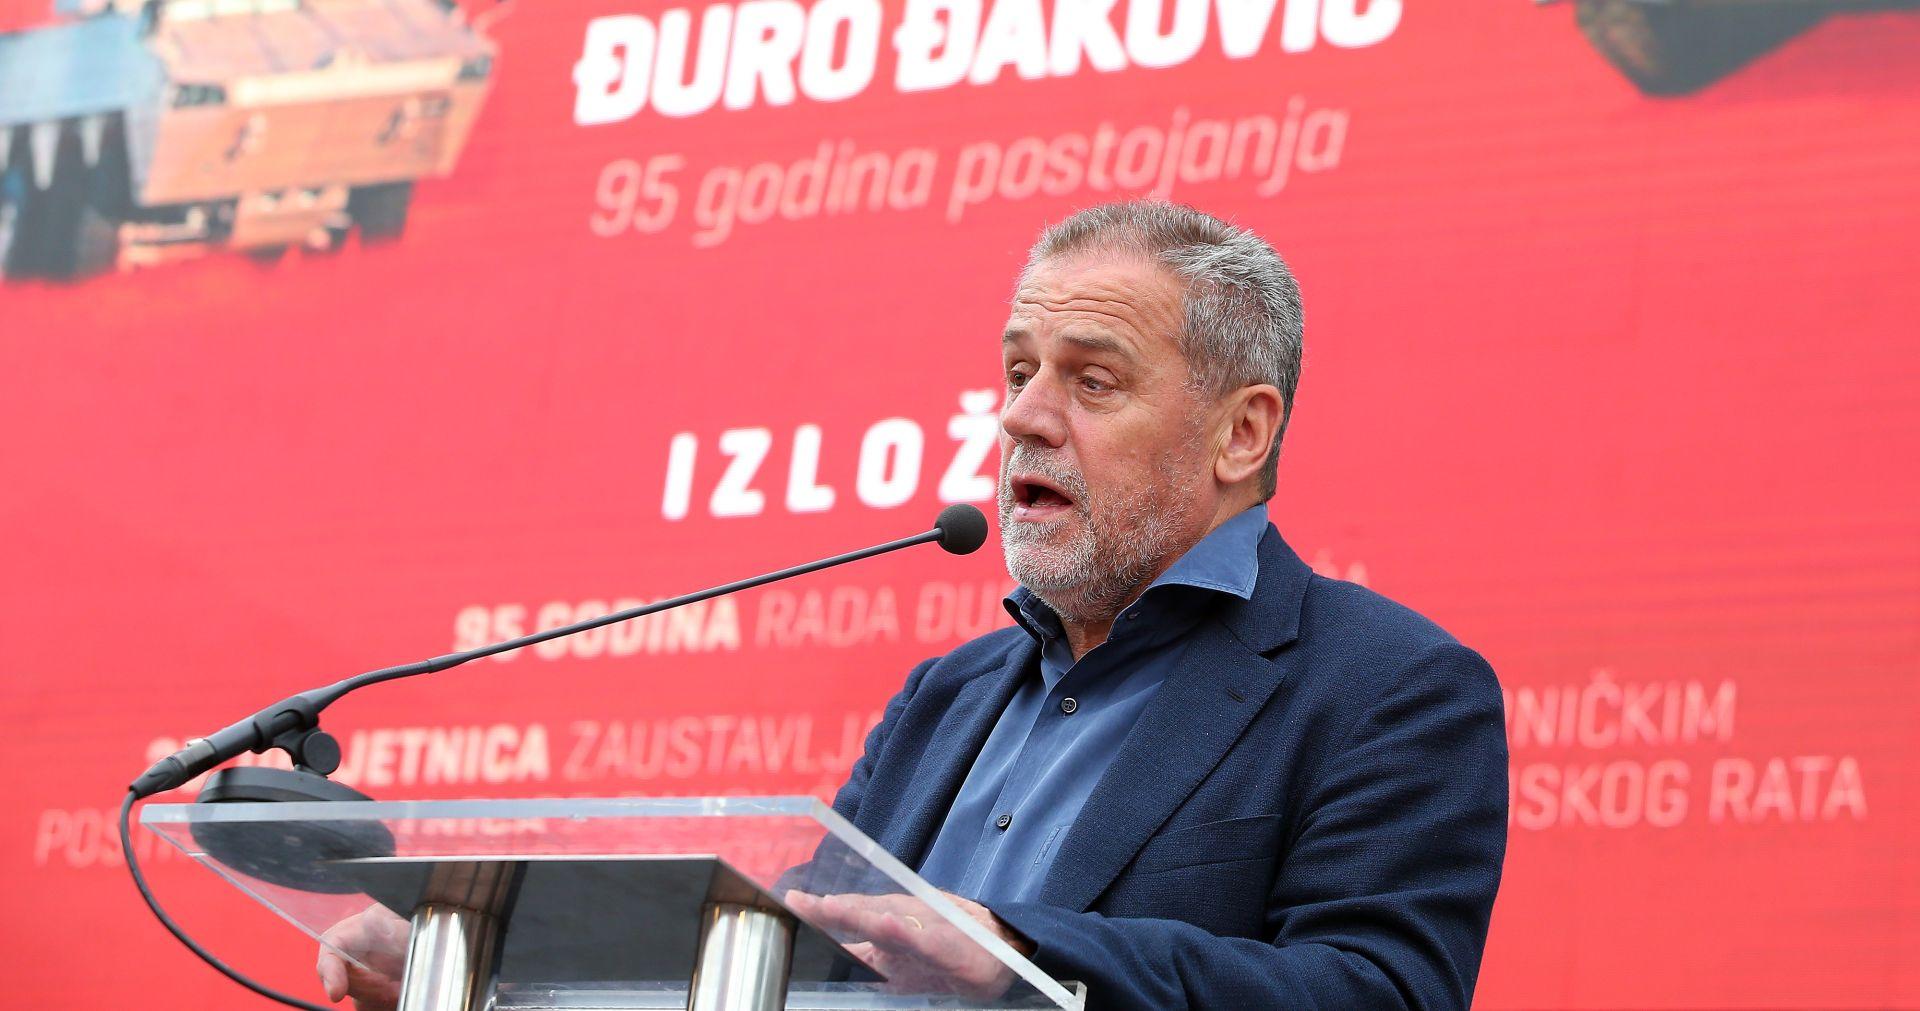 TRODNEVNA IZLOŽBA: Đuro Đaković d.d. obilježio 95 godina rada